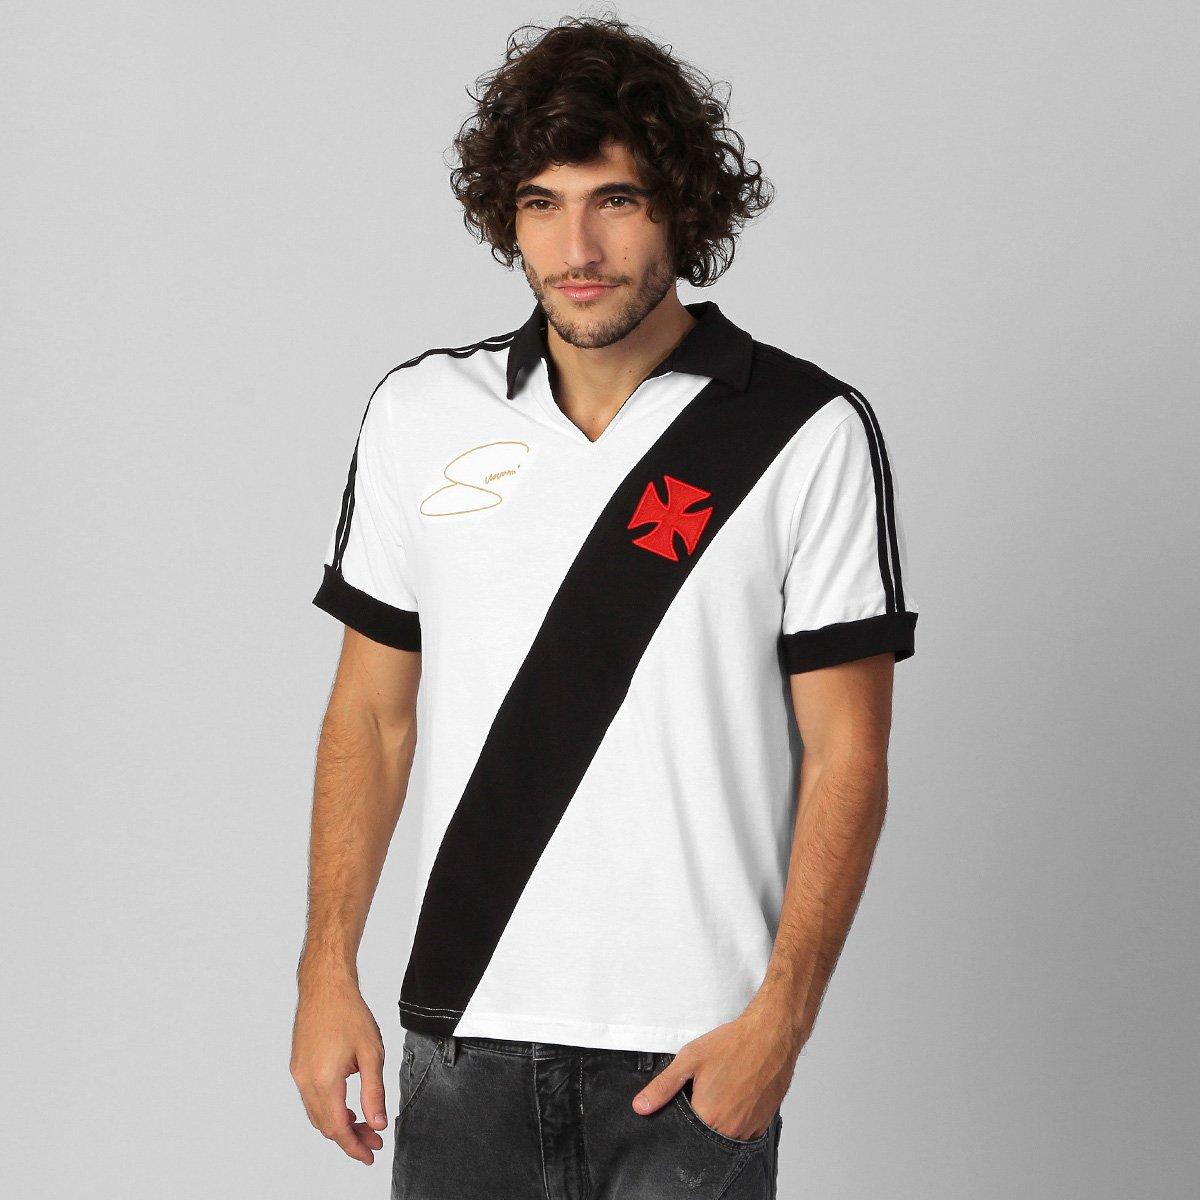 Camisa Polo Vasco Réplica Geovani - Retrô - Compre Agora  95d7b118c97e5